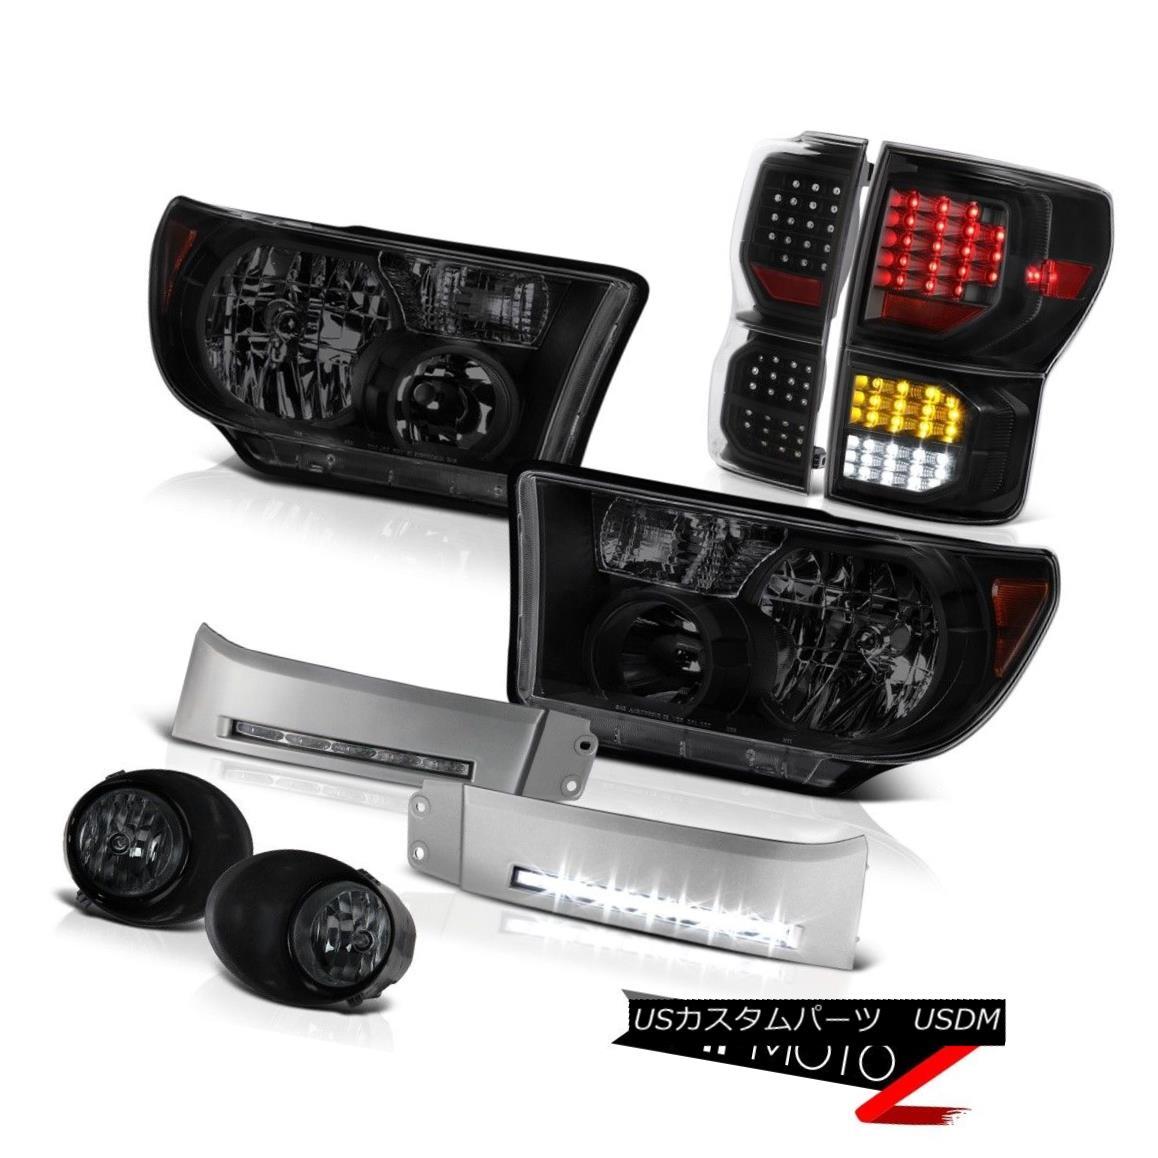 ヘッドライト 07-13 Toyota Tundra Platinum Taillights Headlamps DRL Strip Smoked Fog Lights 07-13トヨタトンドラプラチナティアライトヘッドランプDRLストリップスモークフォグライト